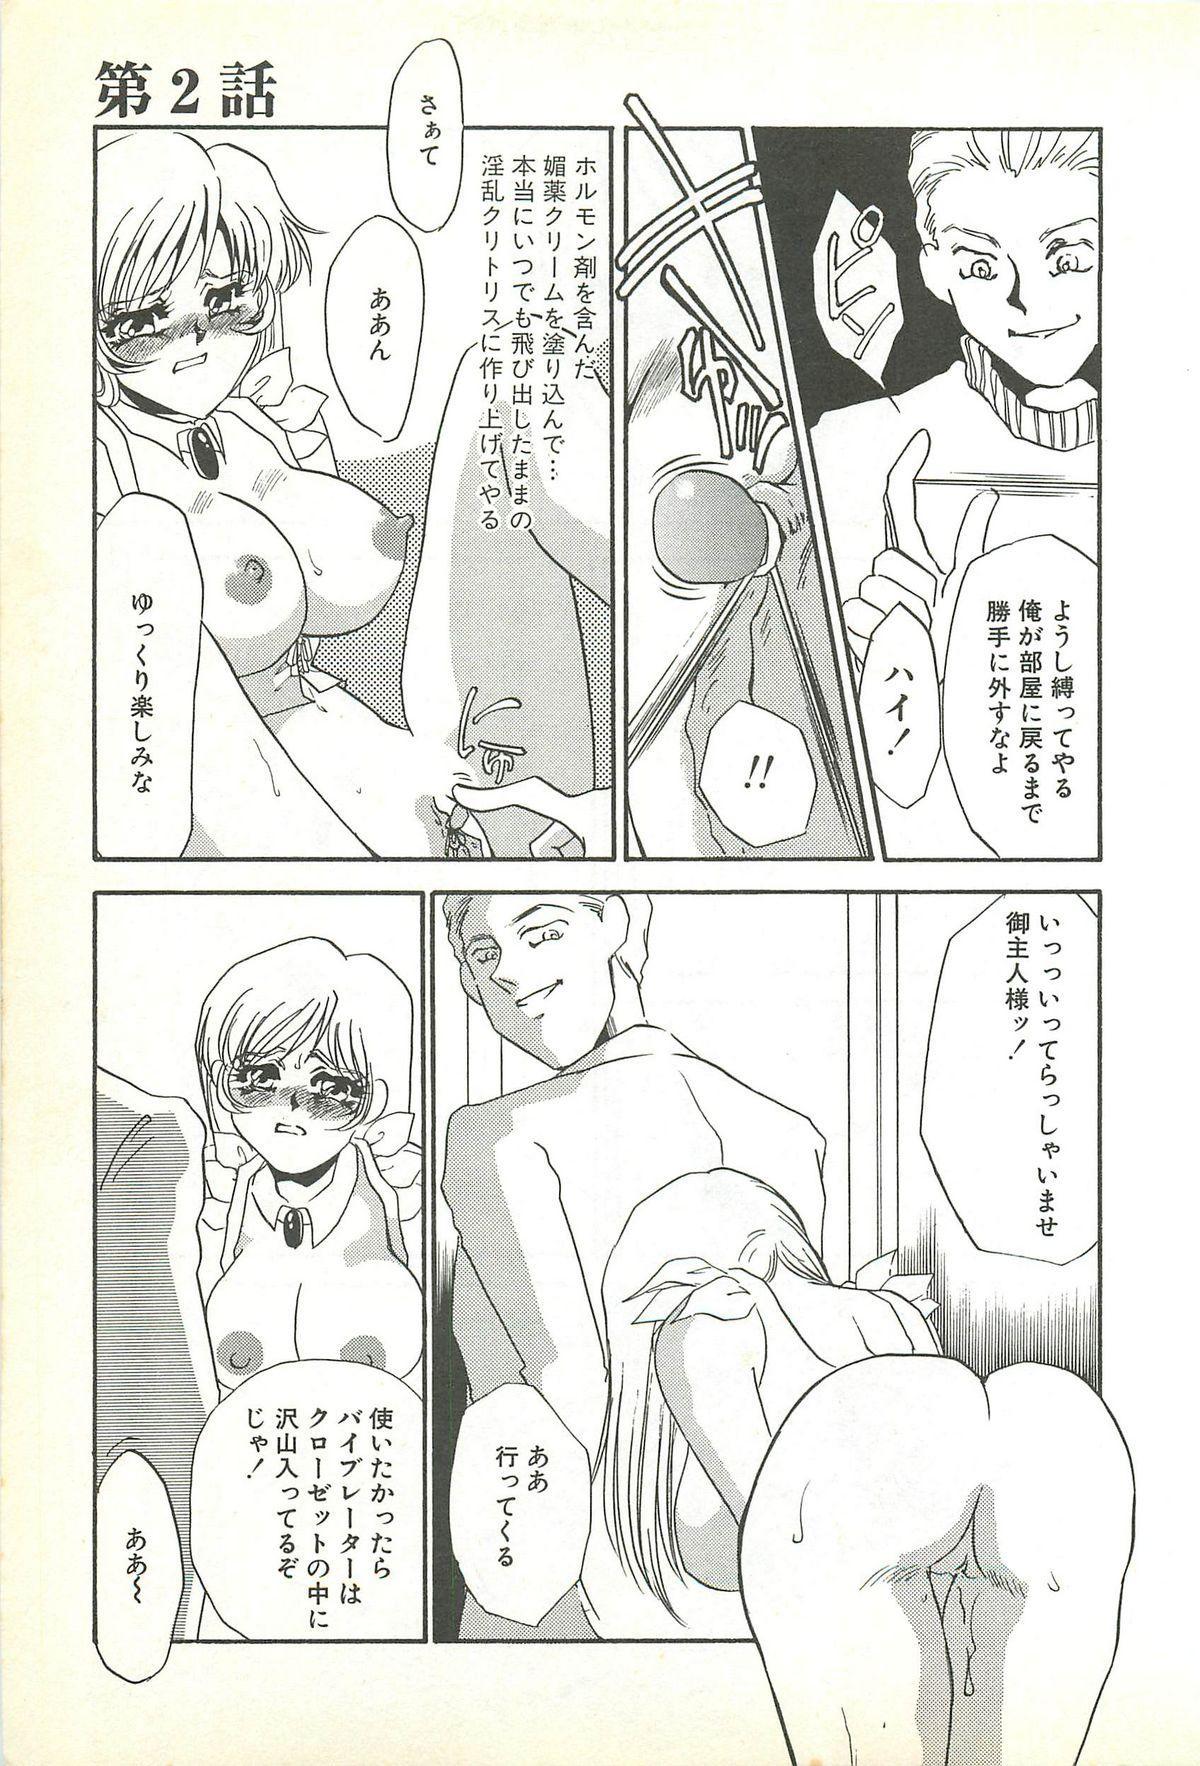 Chigyaku no Heya - A Shameful Punishment Room 33